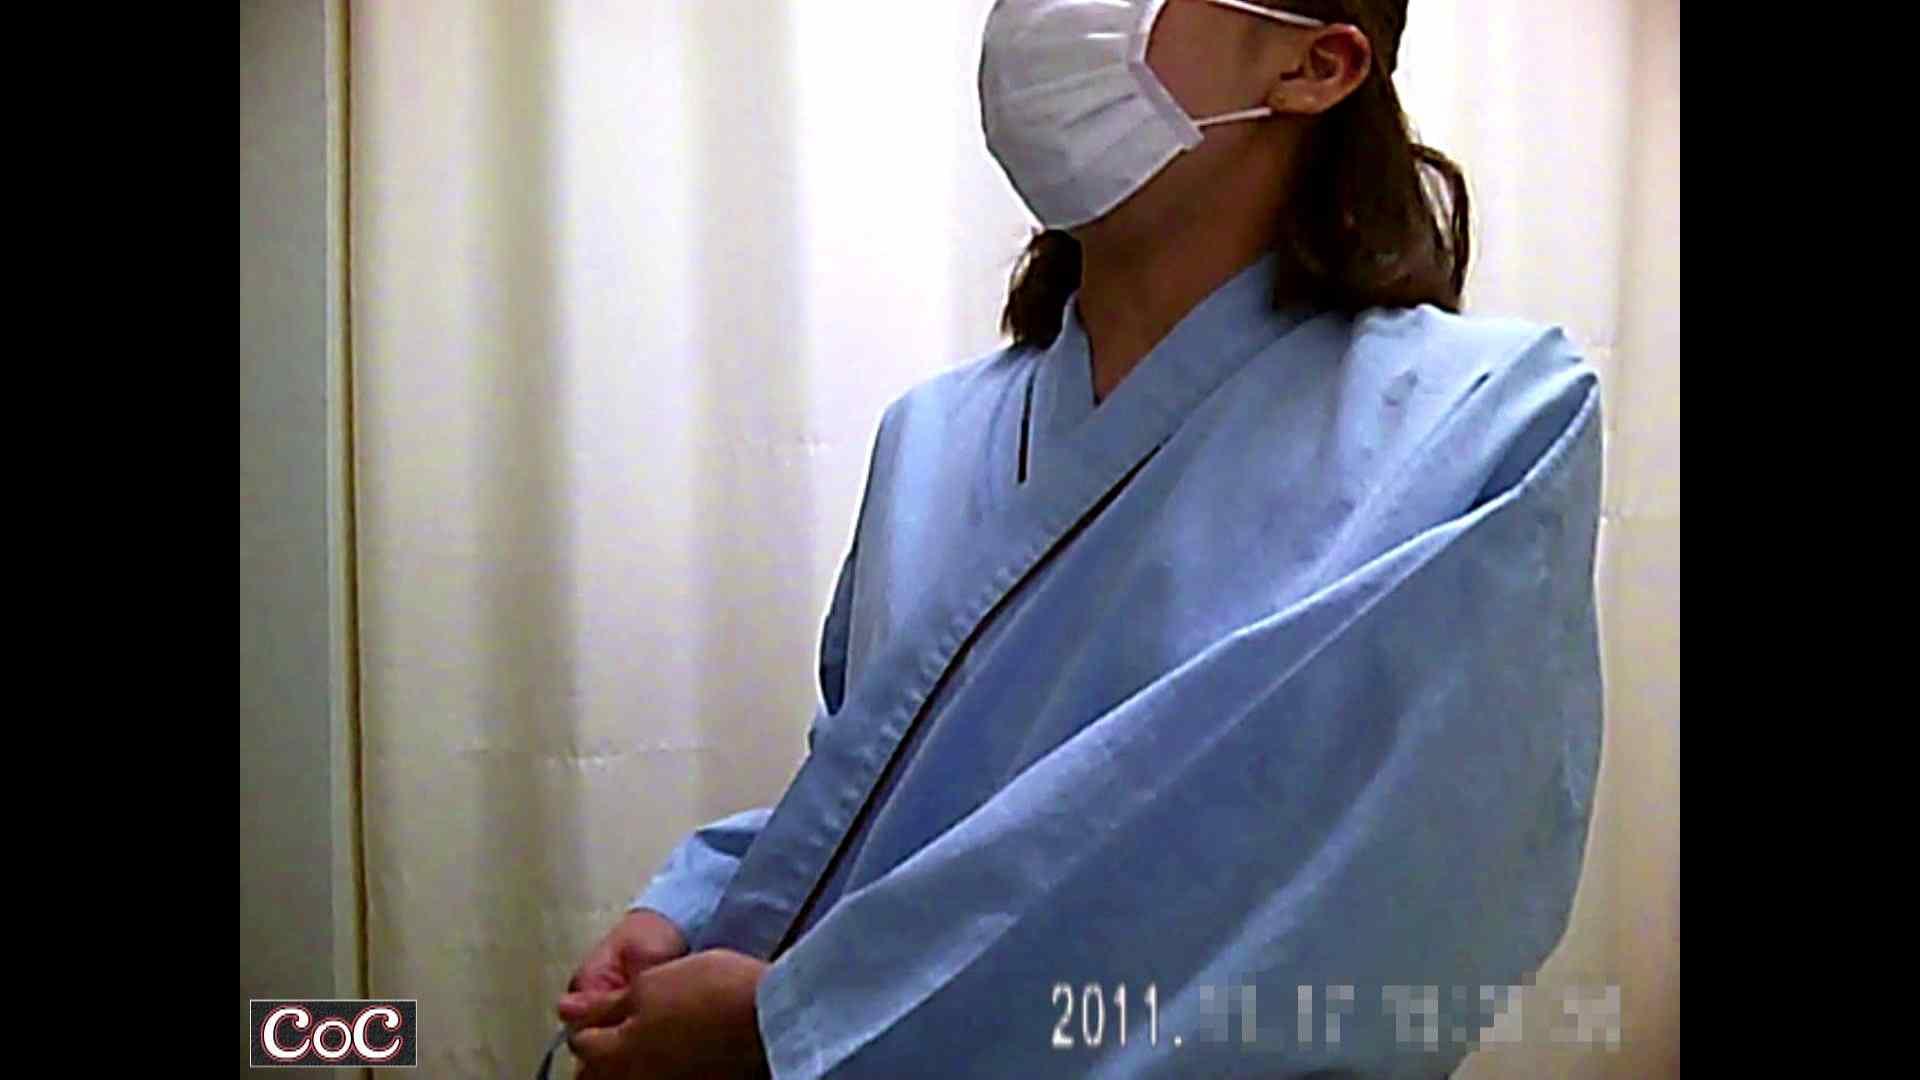 病院おもいっきり着替え! vol.96 乳首 オマンコ動画キャプチャ 90画像 69